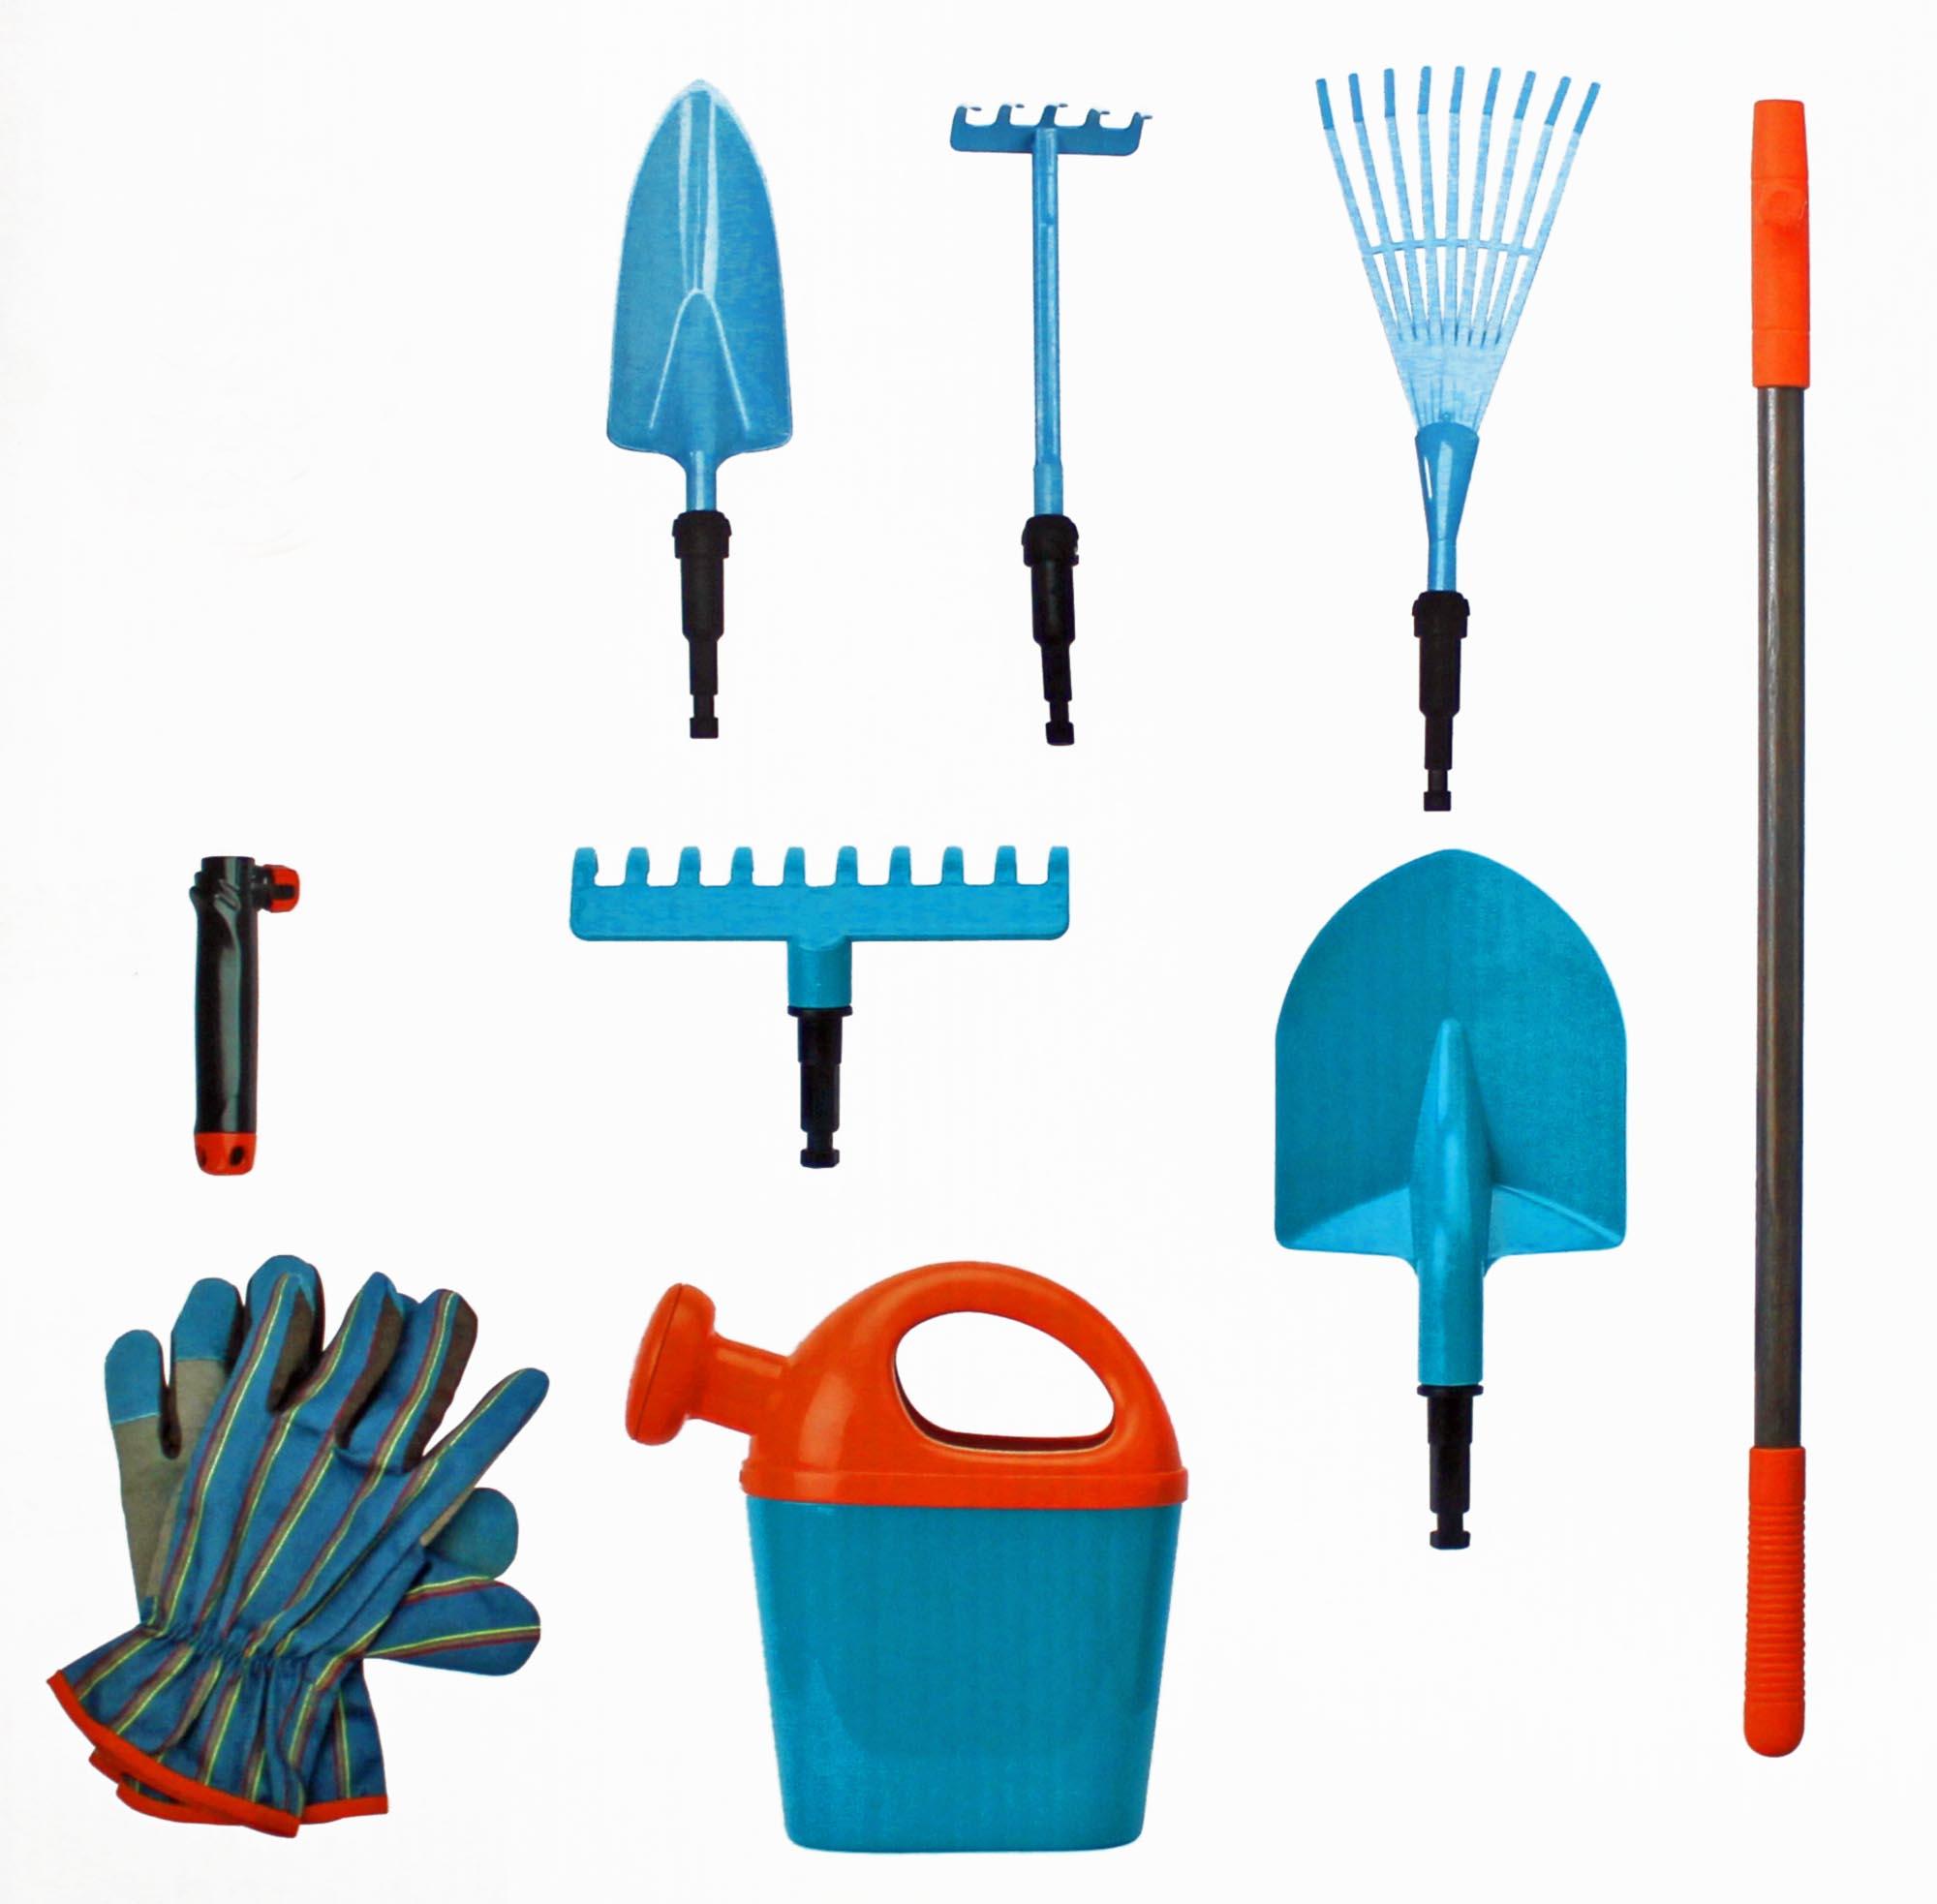 gardena g rtnerset f r kinder mit gieskanne schaufel handschuhe harke rechen universalstiel 9teilig. Black Bedroom Furniture Sets. Home Design Ideas